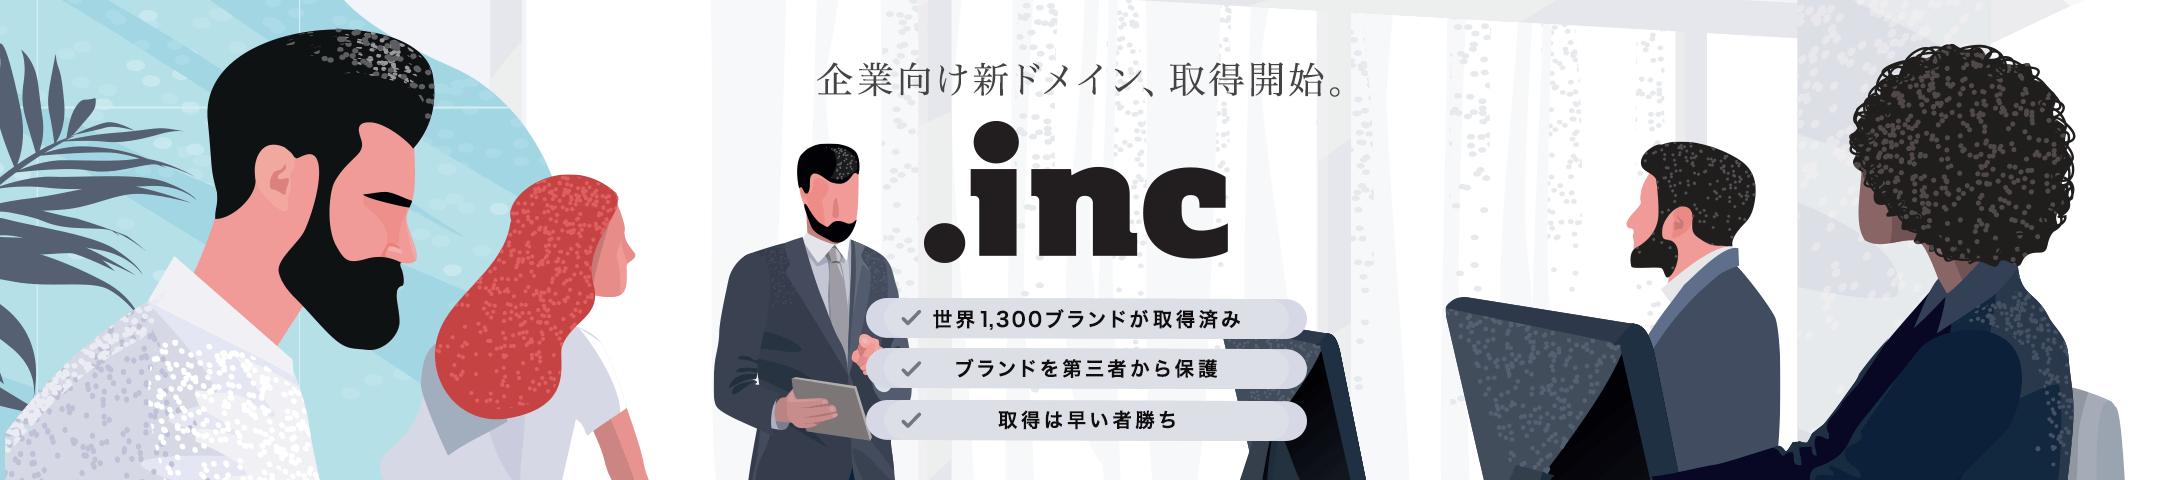 企業向け新ドメイン .inc、取得開始。